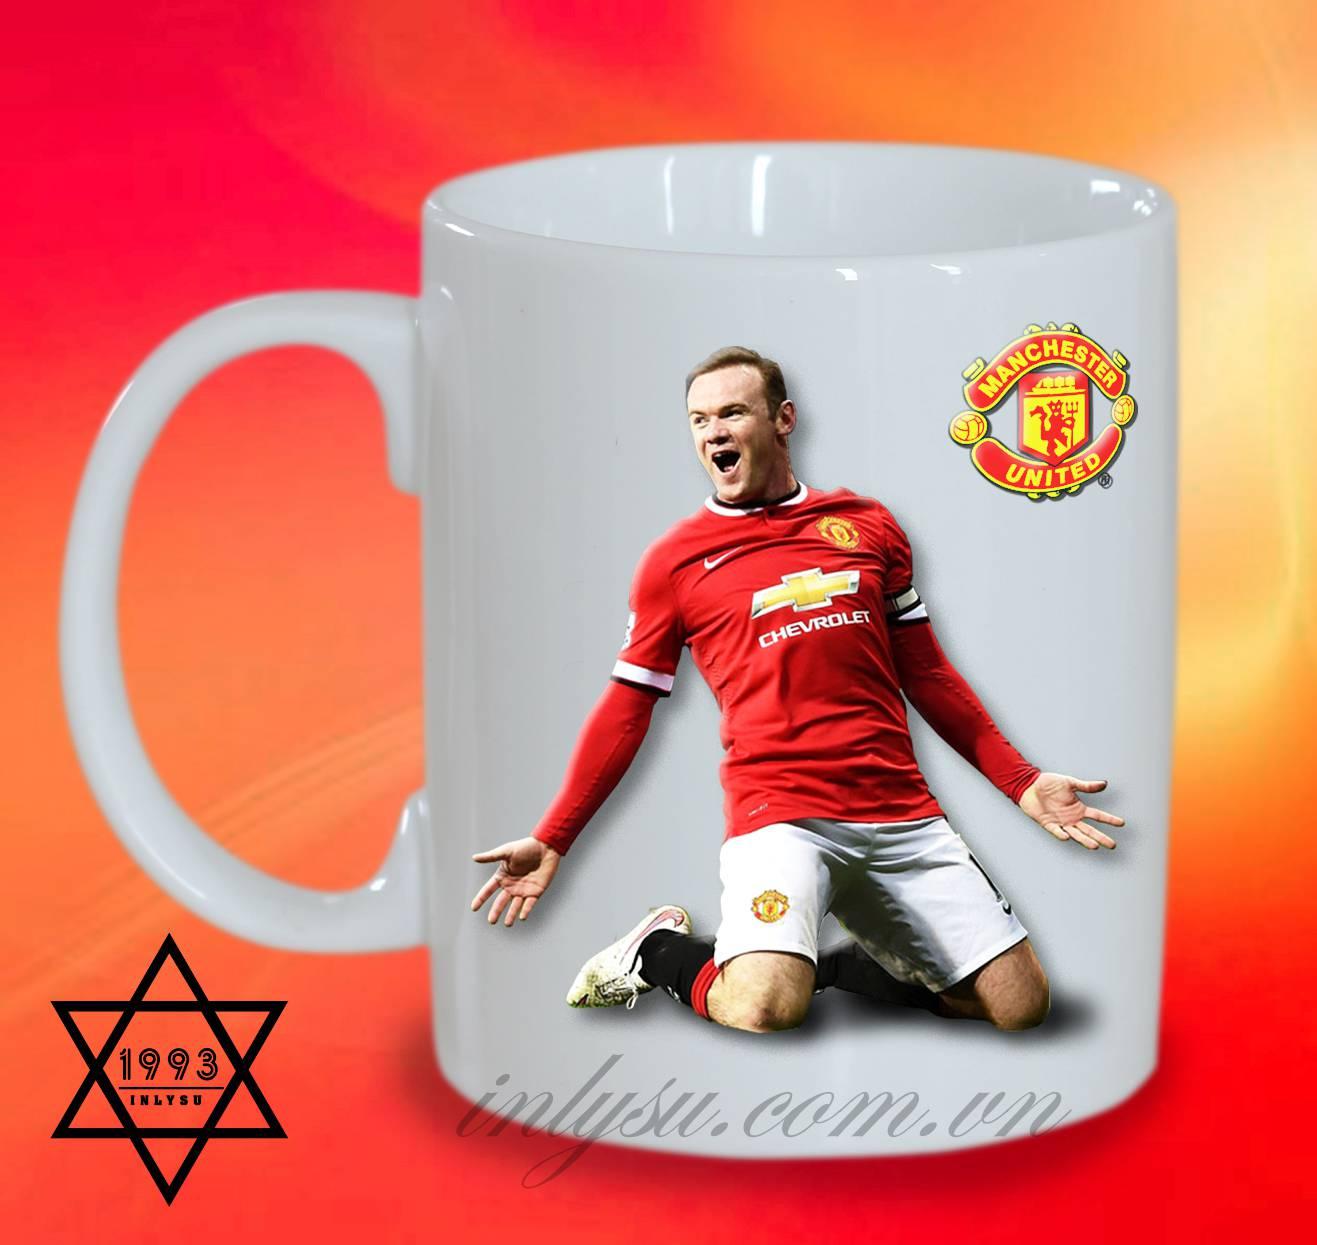 Ly sứ in hình cầu thủ Wayne Rooney và câu lạc bộ M.U